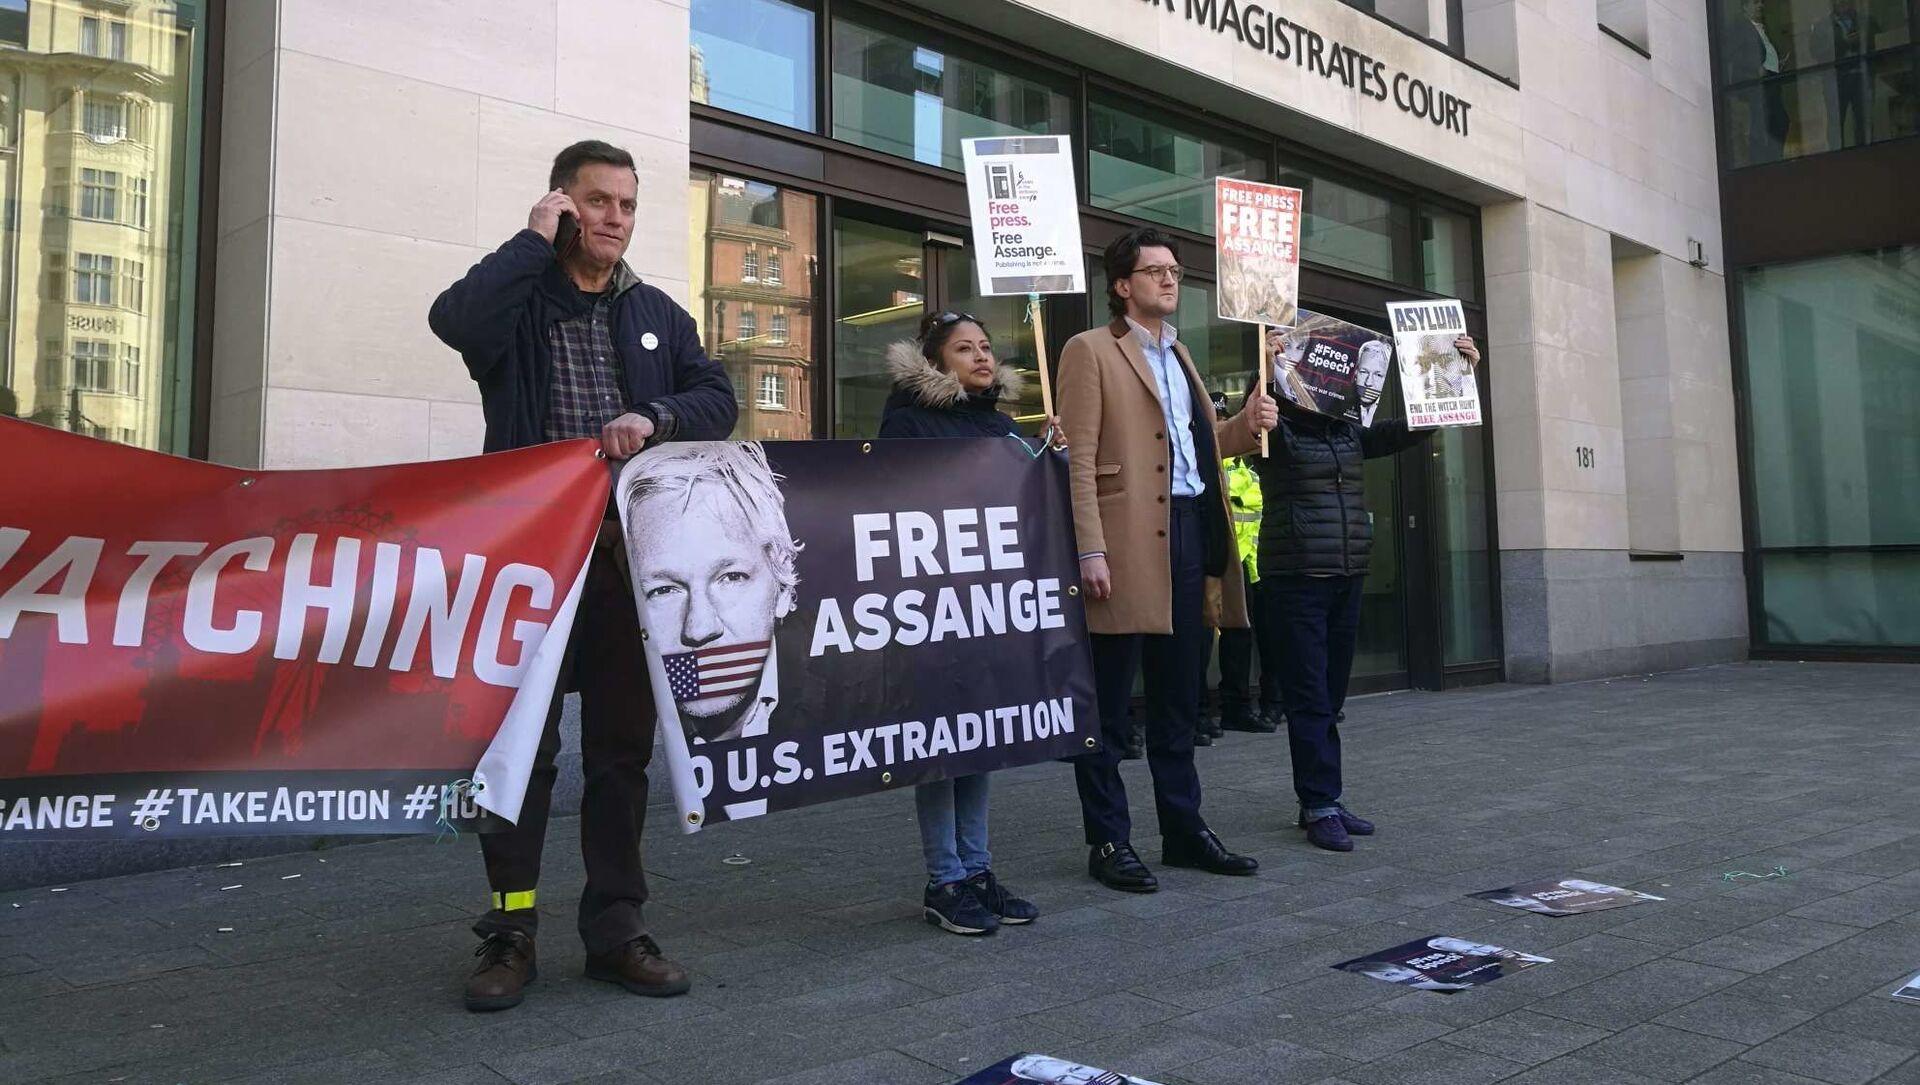 Julian Assange non avrà un processo corretto, sostiene informatore CIA John Kiriakou - Sputnik Italia, 1920, 16.03.2021